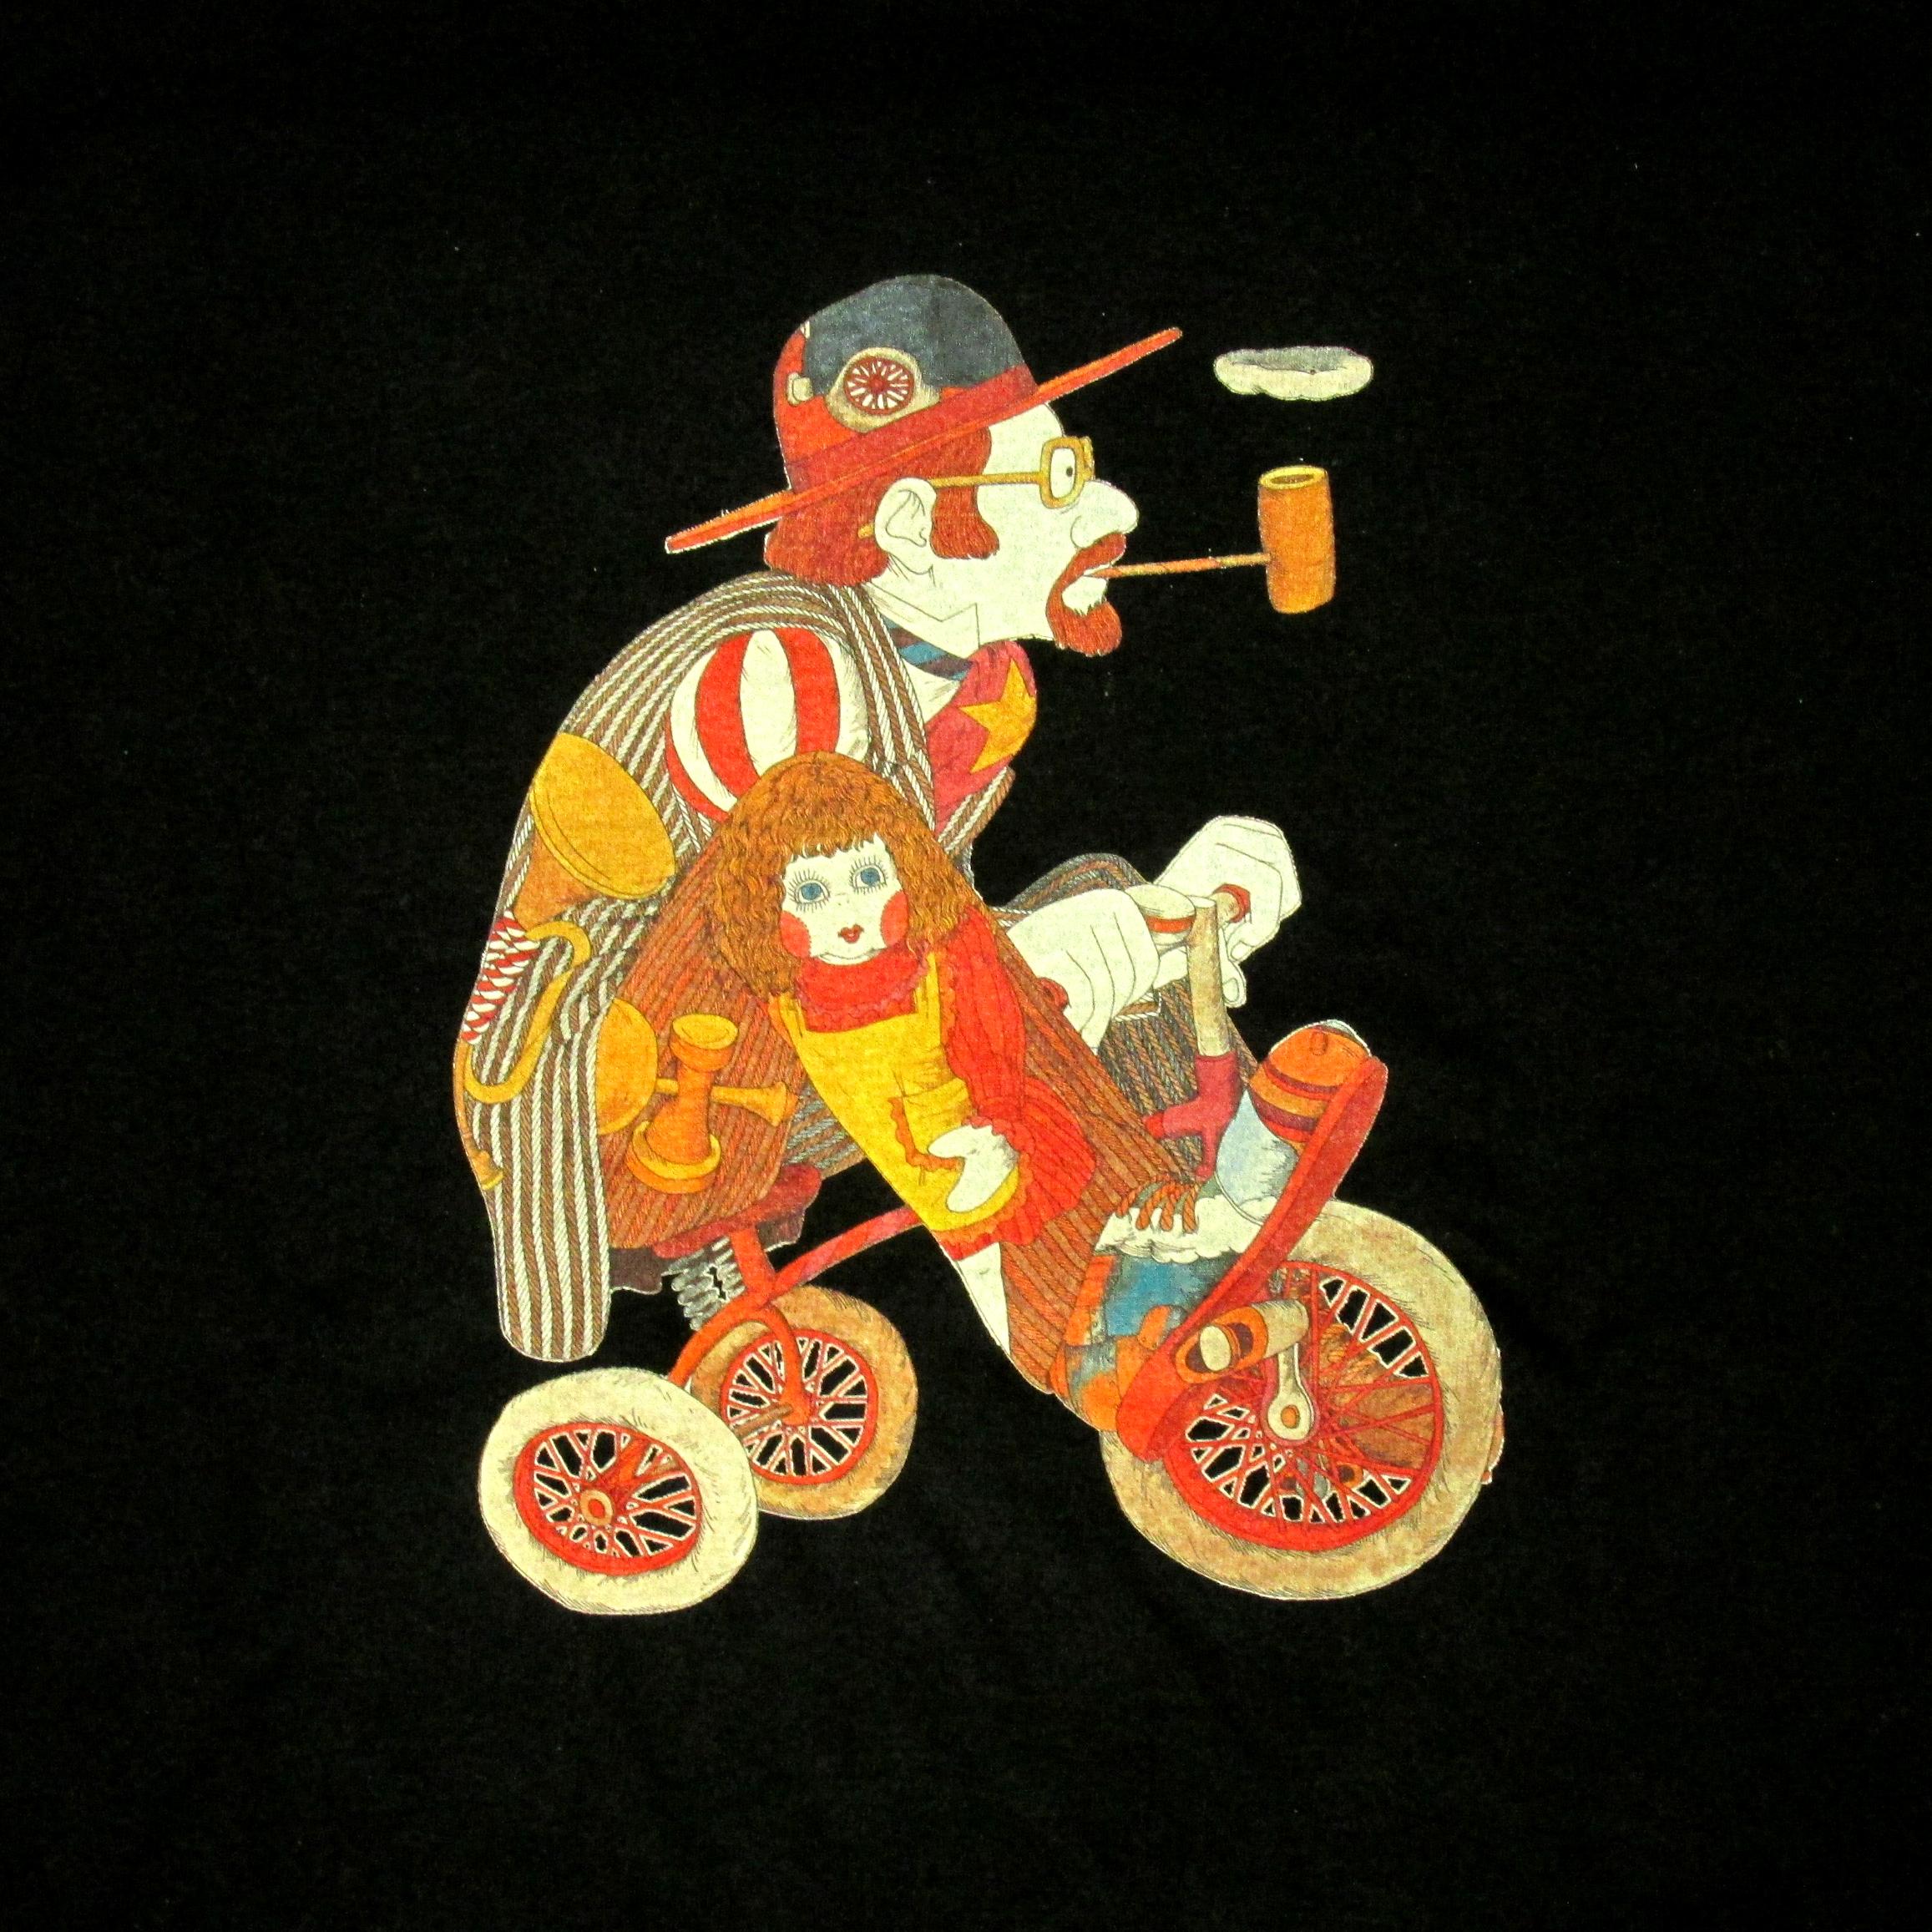 伊坂芳太良 illustration <br>ヘビーウェイト生地Tシャツ�